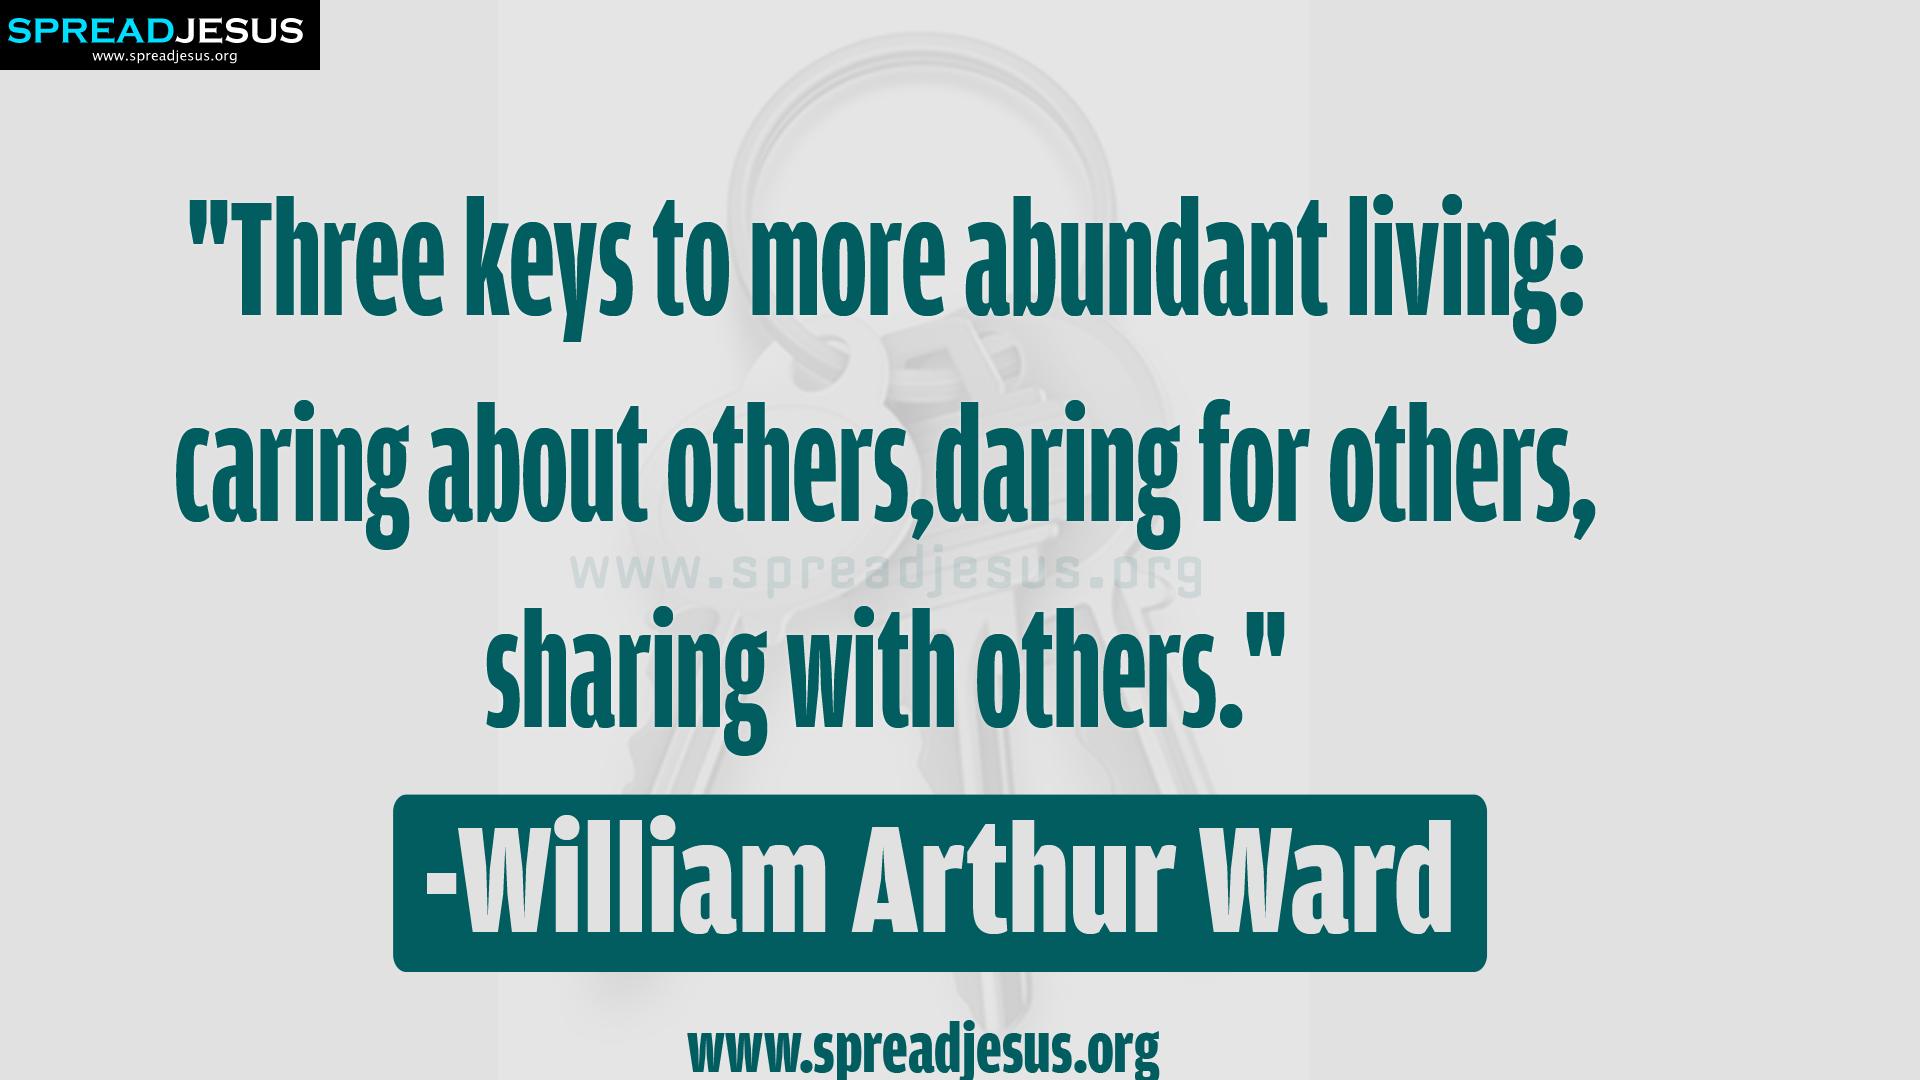 Sharing Some Uplifting